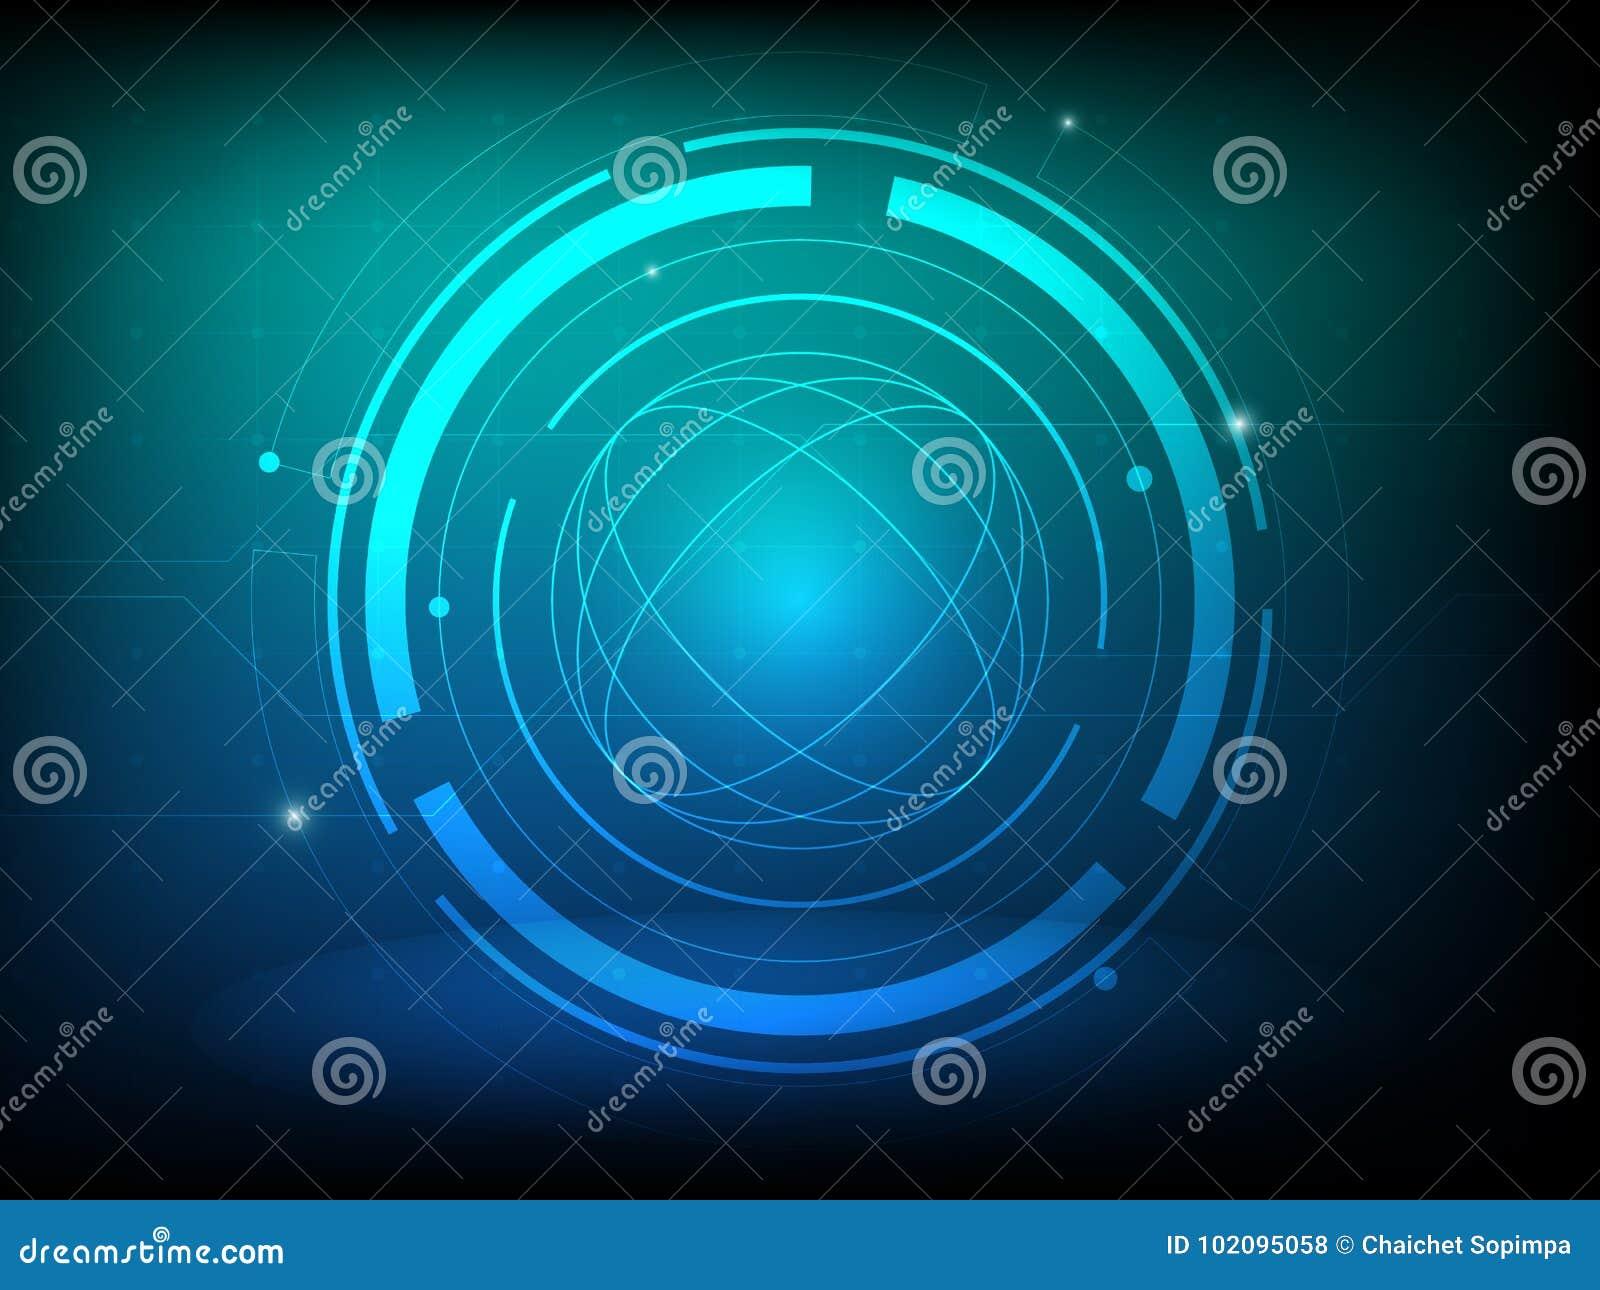 Αφηρημένο γαλαζοπράσινο υπόβαθρο τεχνολογίας κύκλων ψηφιακό, φουτουριστικό υπόβαθρο έννοιας στοιχείων δομών